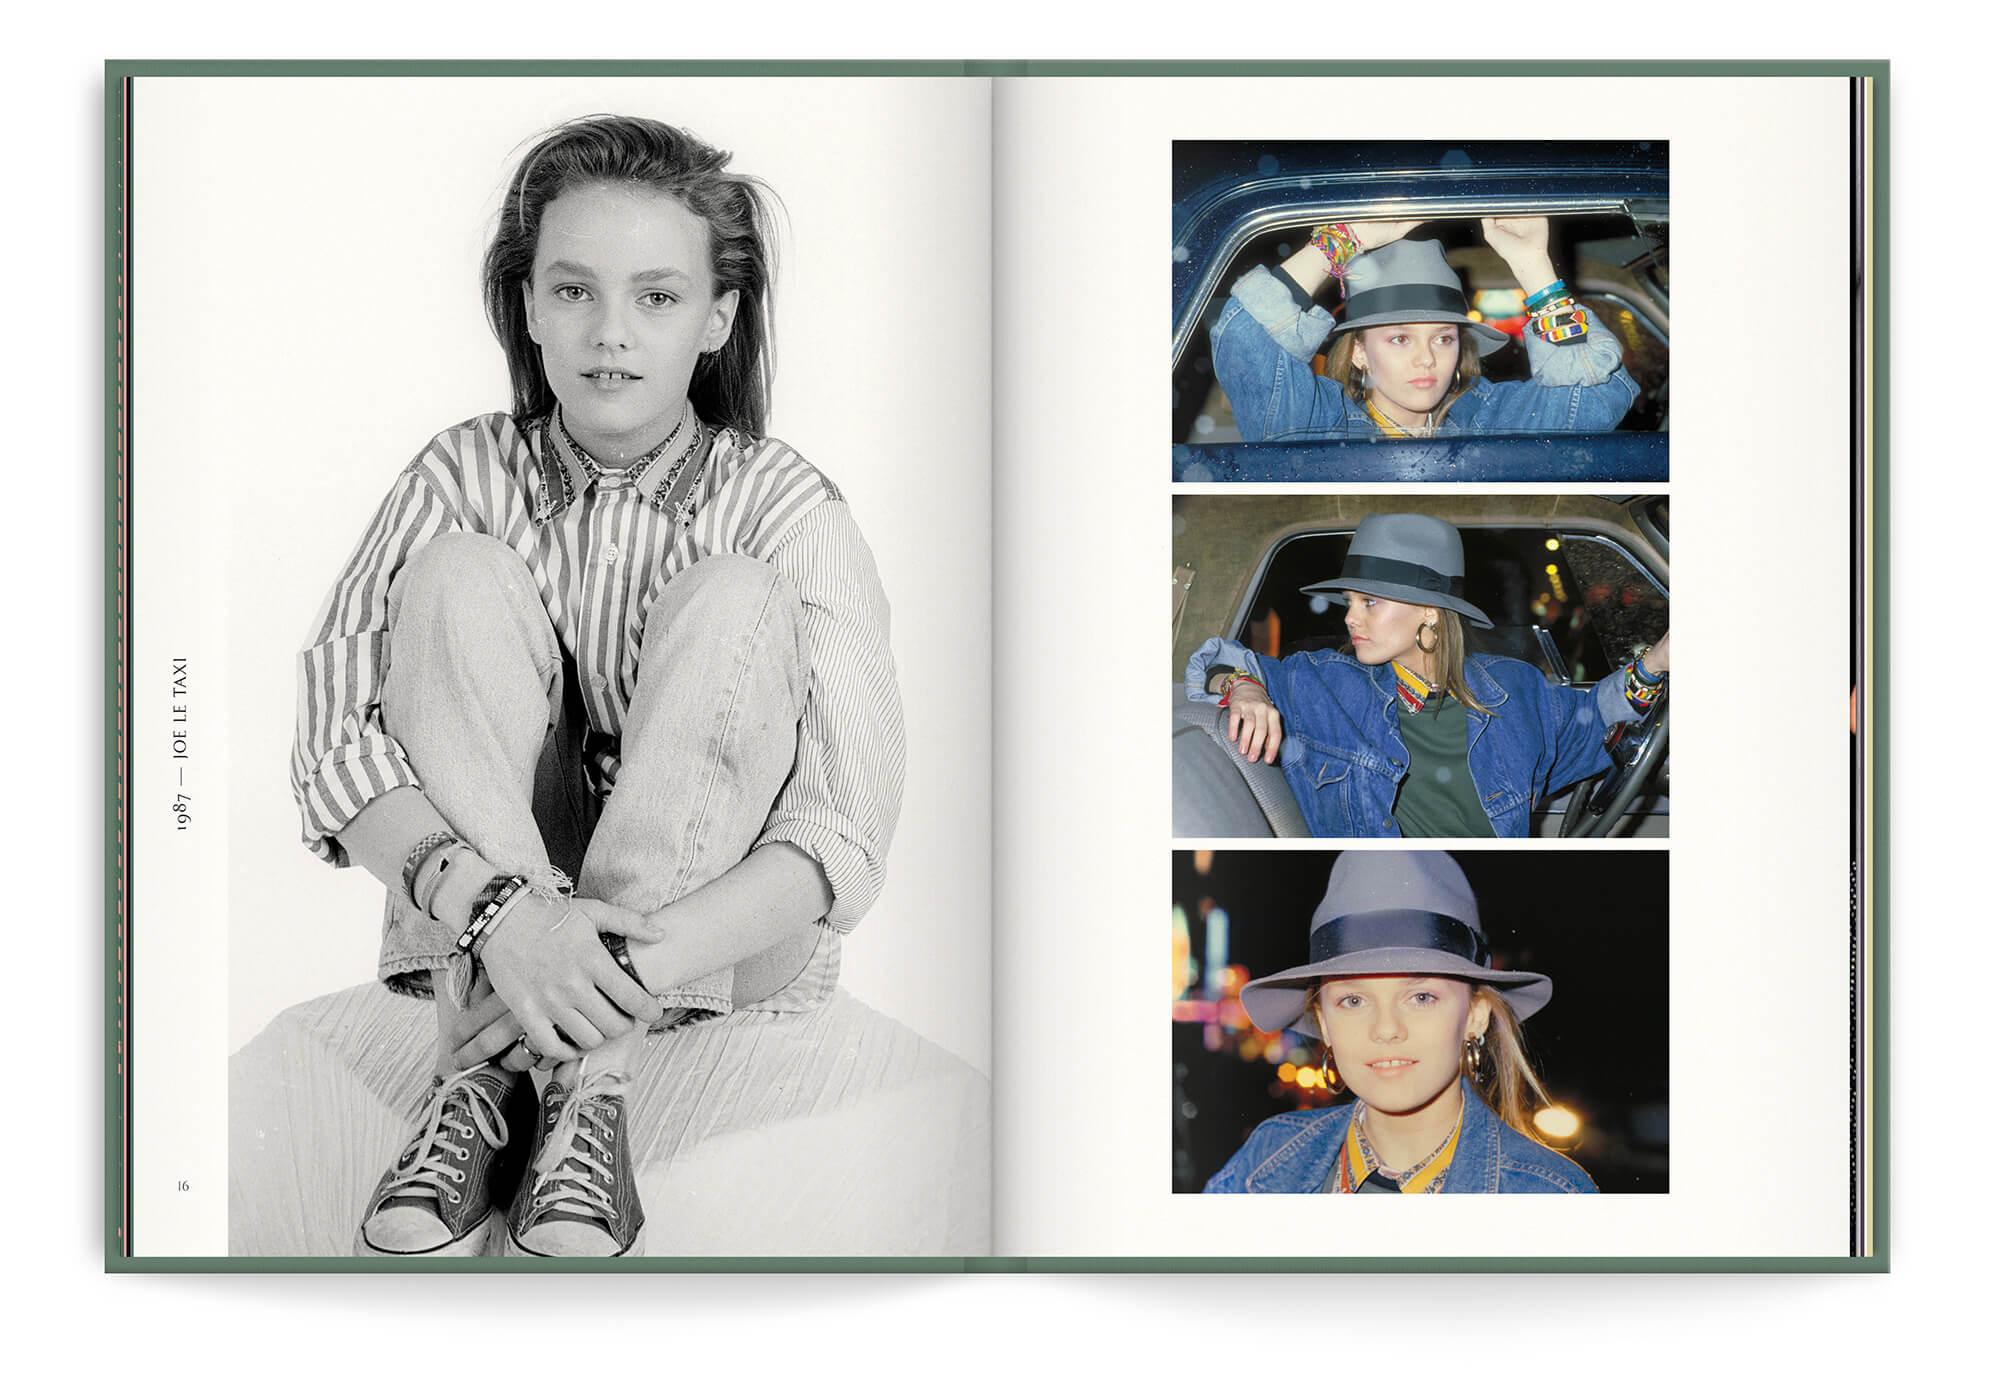 Vanessa Paradis pendant le période Joe le Taxi, photos inédites réunies dans le livre disque collector pour la sortie du Best Of, graphisme IchetKar